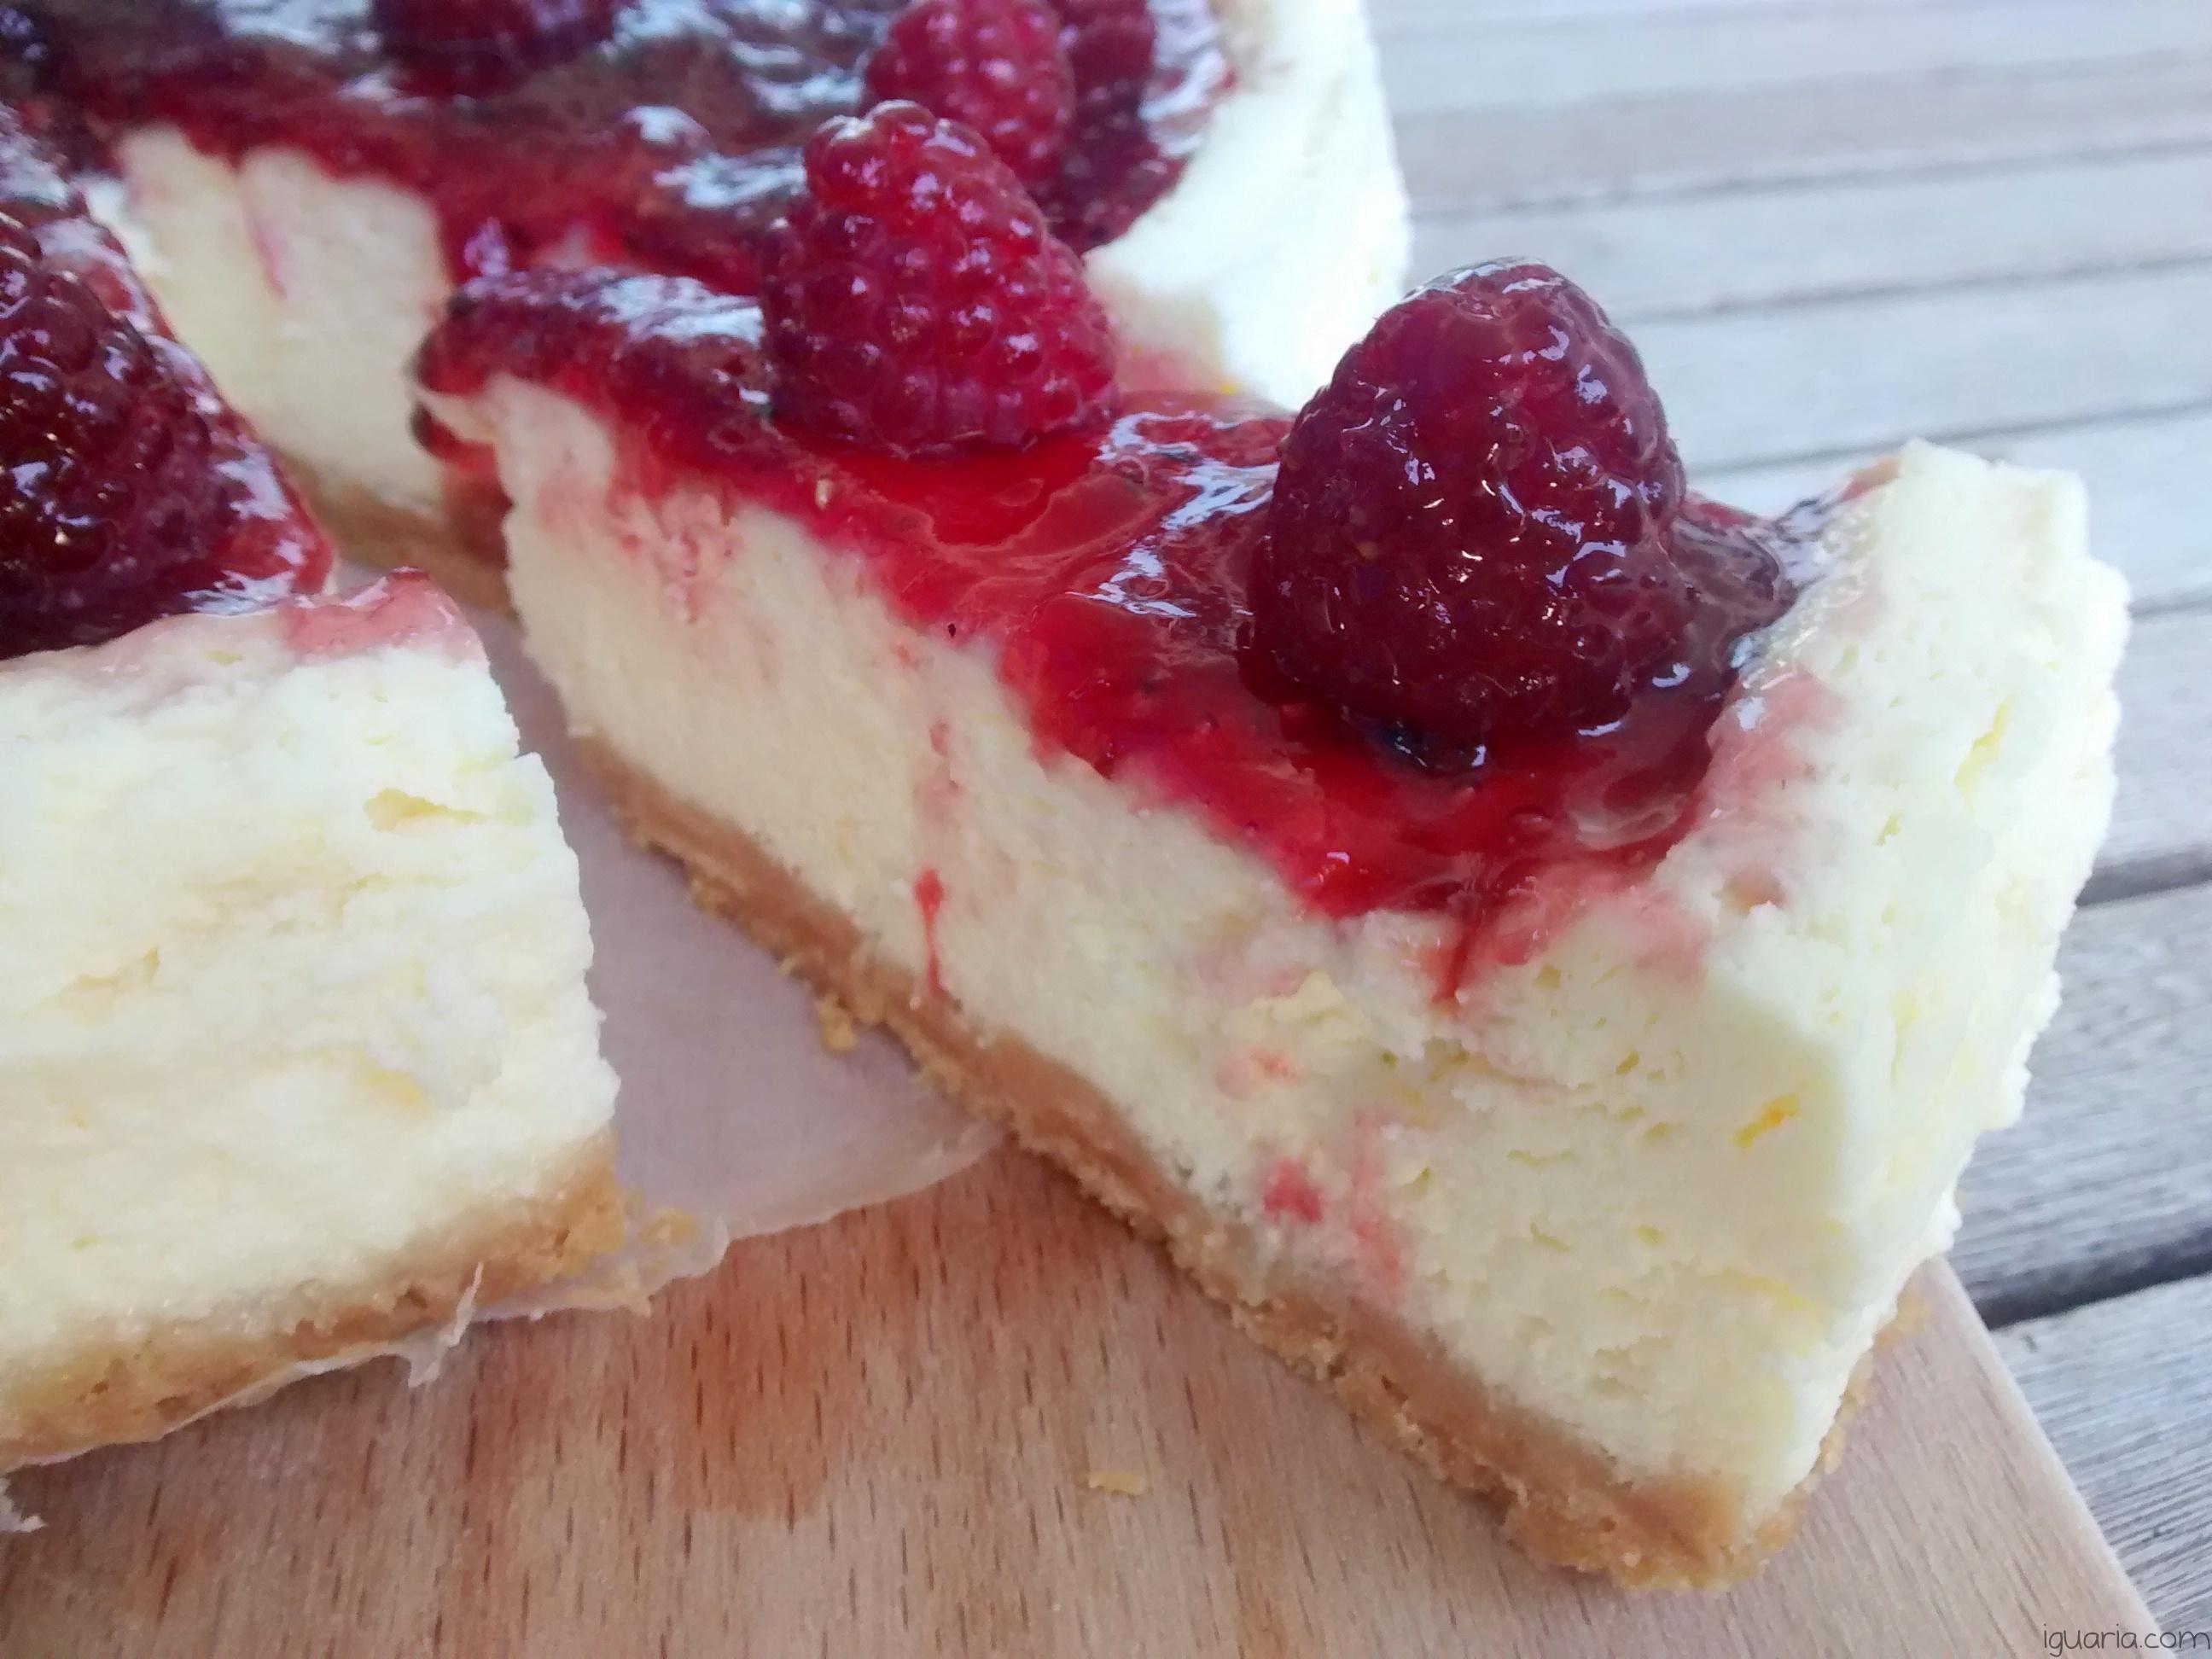 Iguaria_Fatia-de-Cheesecake-de-Frutos-Vermelhos